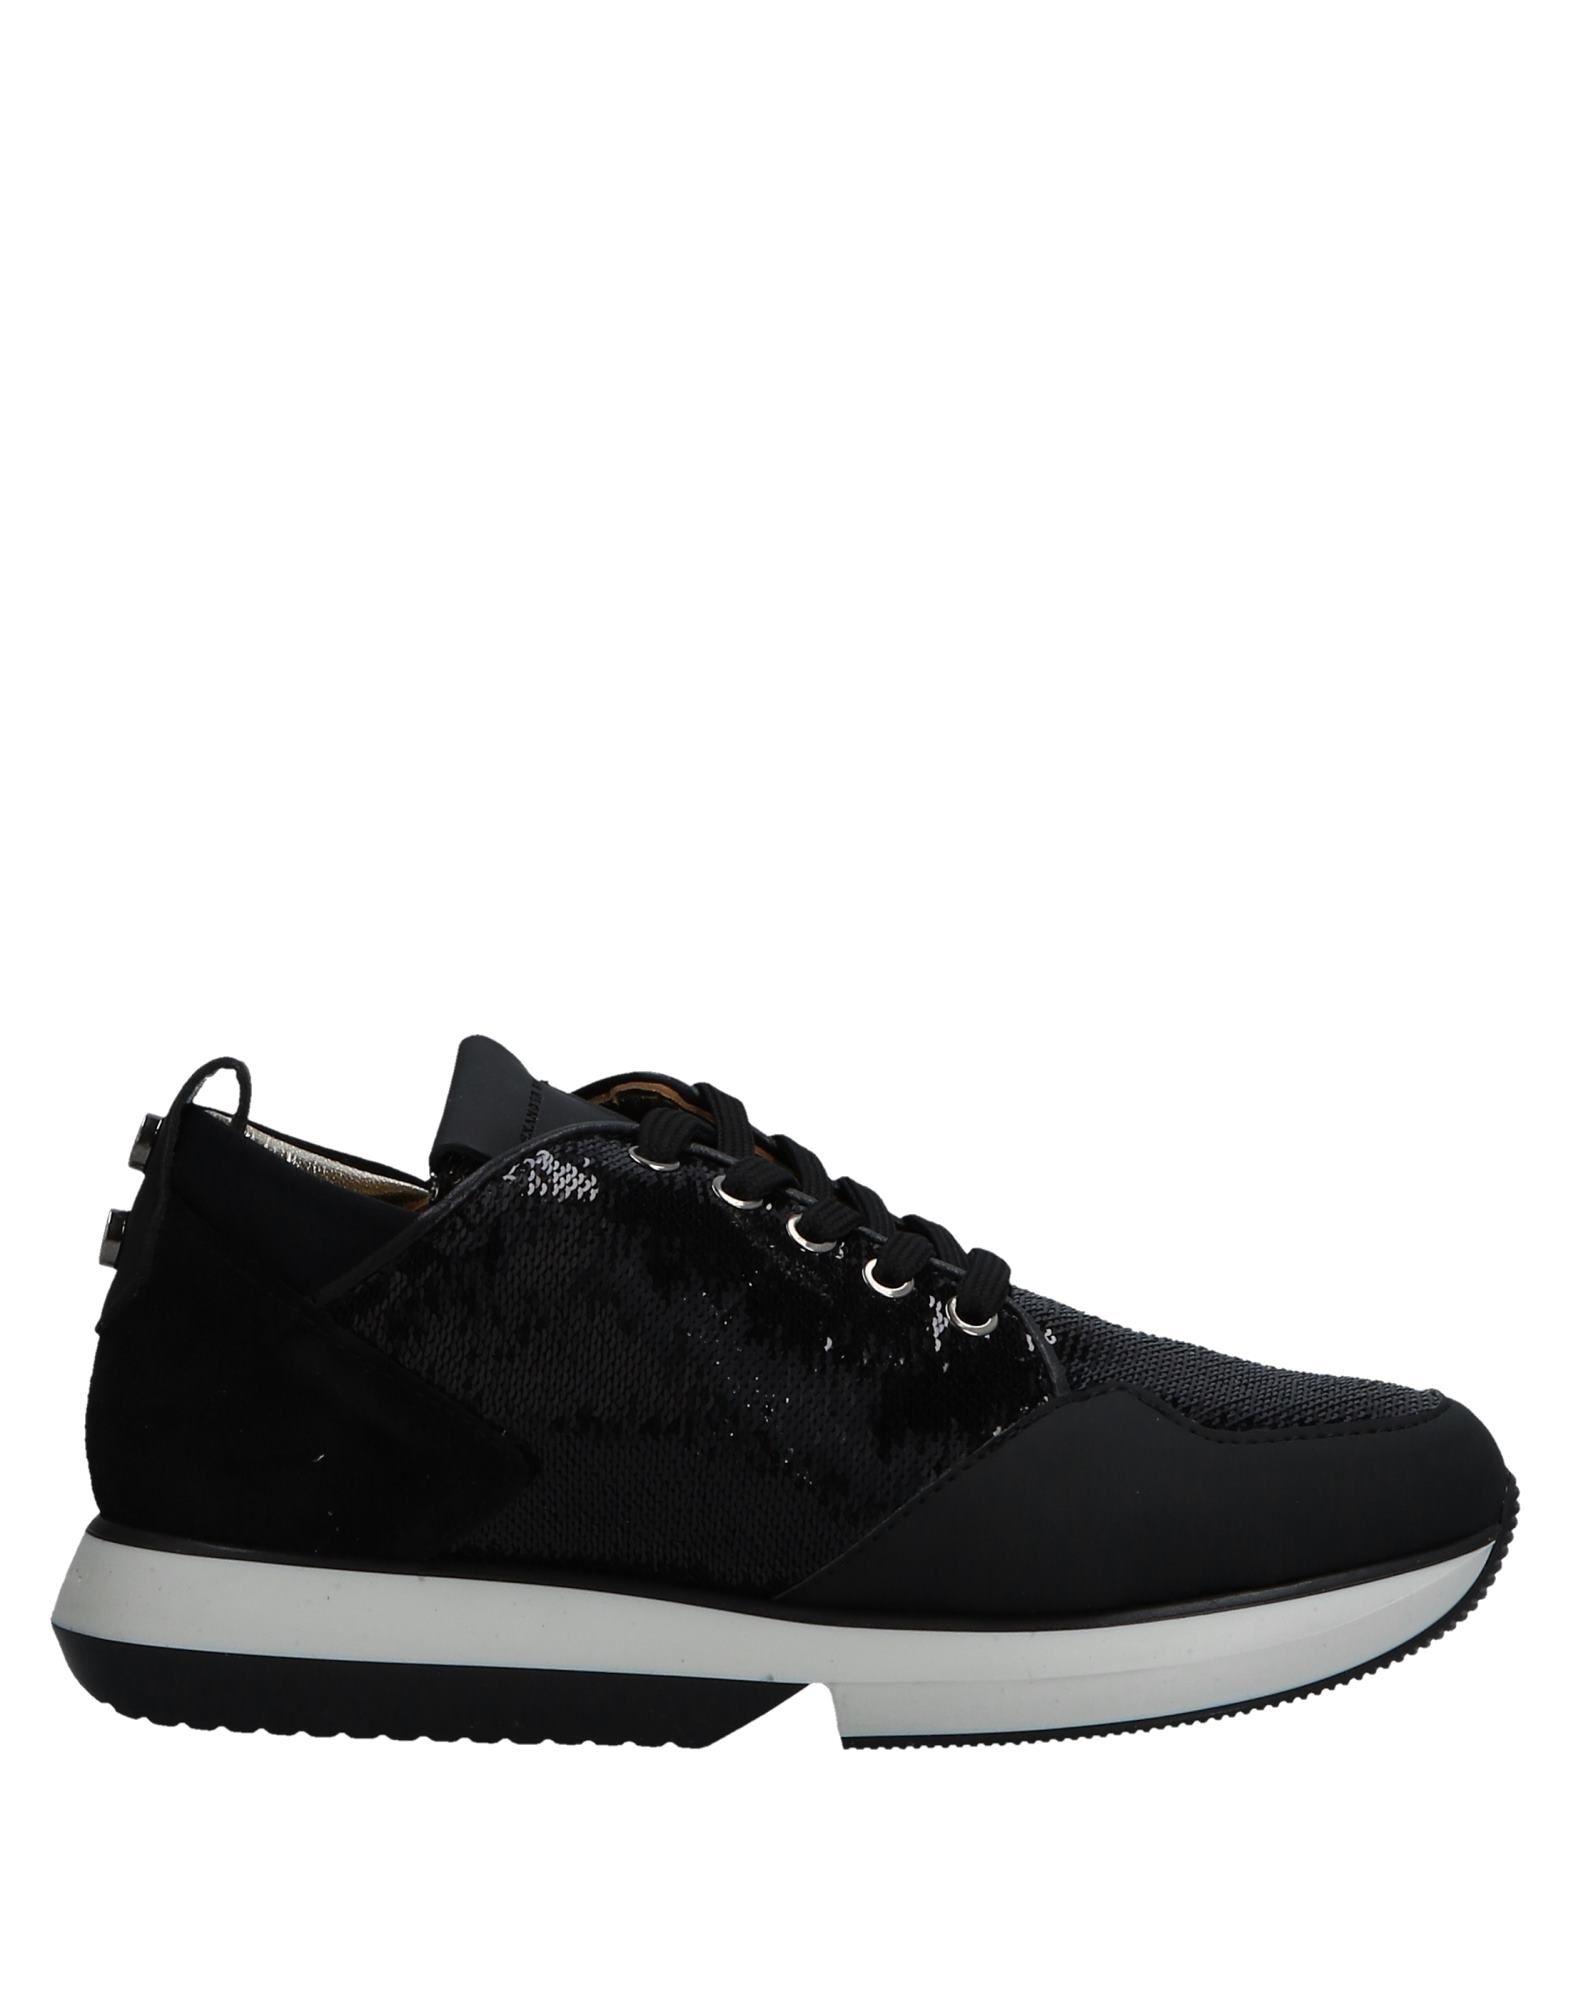 Alexander Smith Sneakers Damen  11526970XSGut aussehende strapazierfähige Schuhe